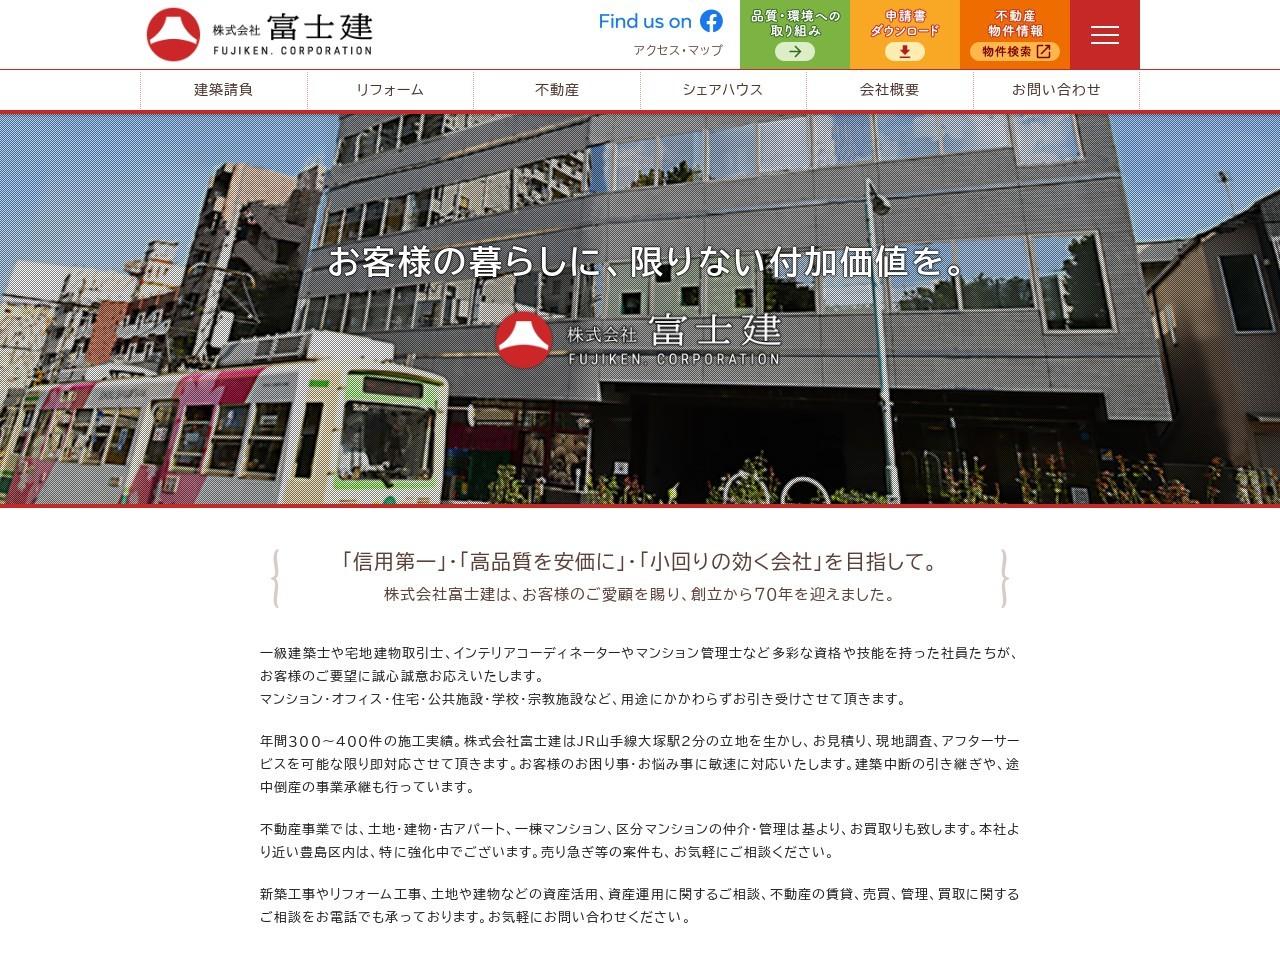 株式会社富士建建設部